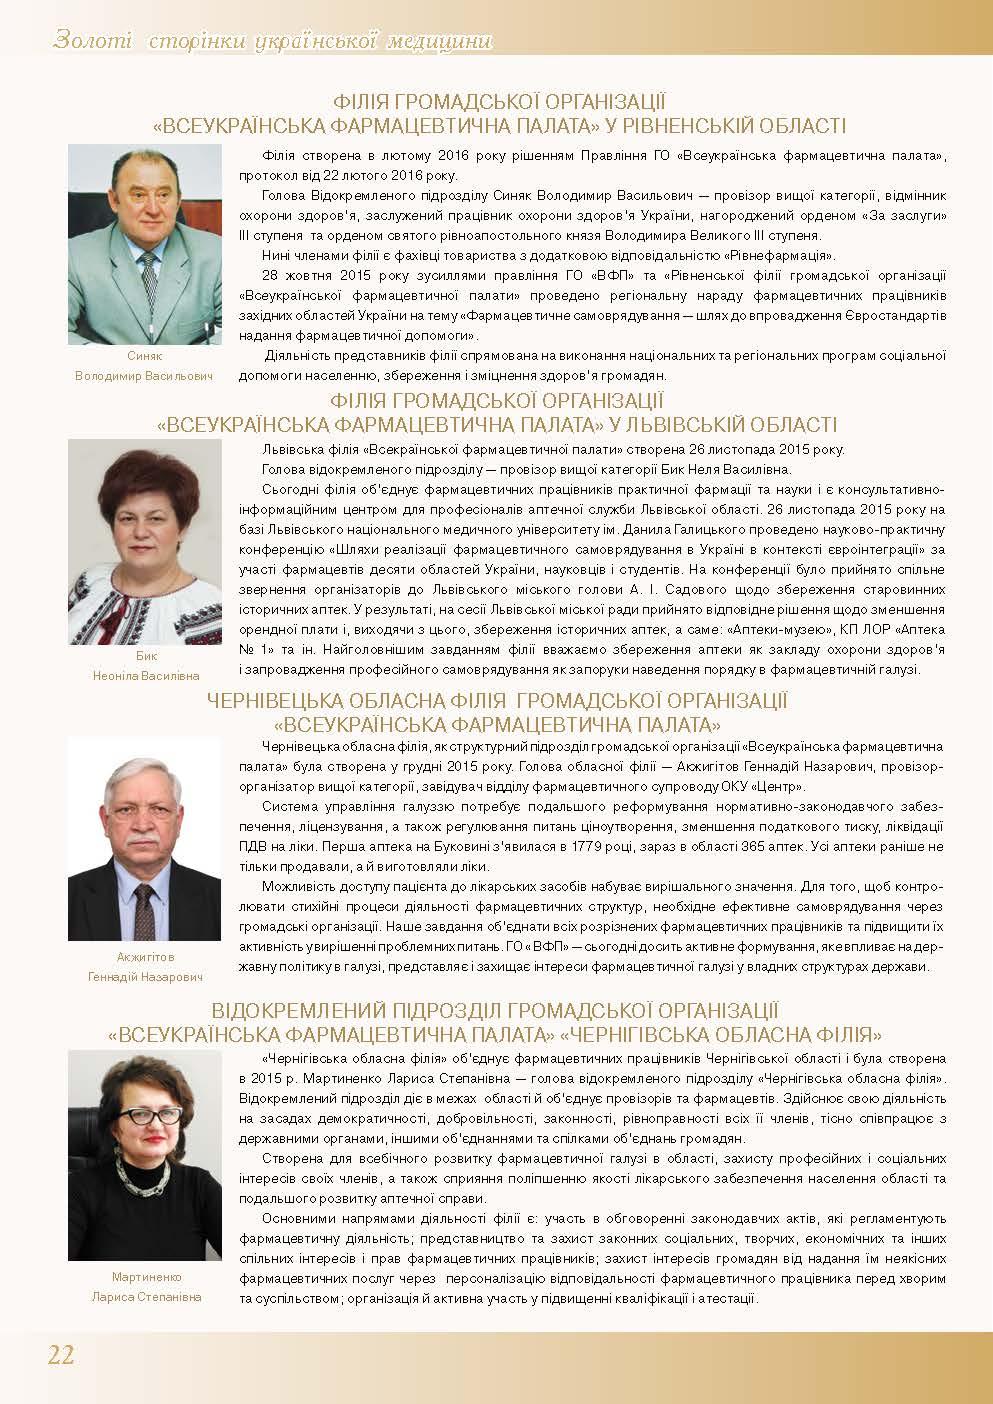 ГО «Всеукраїнська фармацевтична палата»